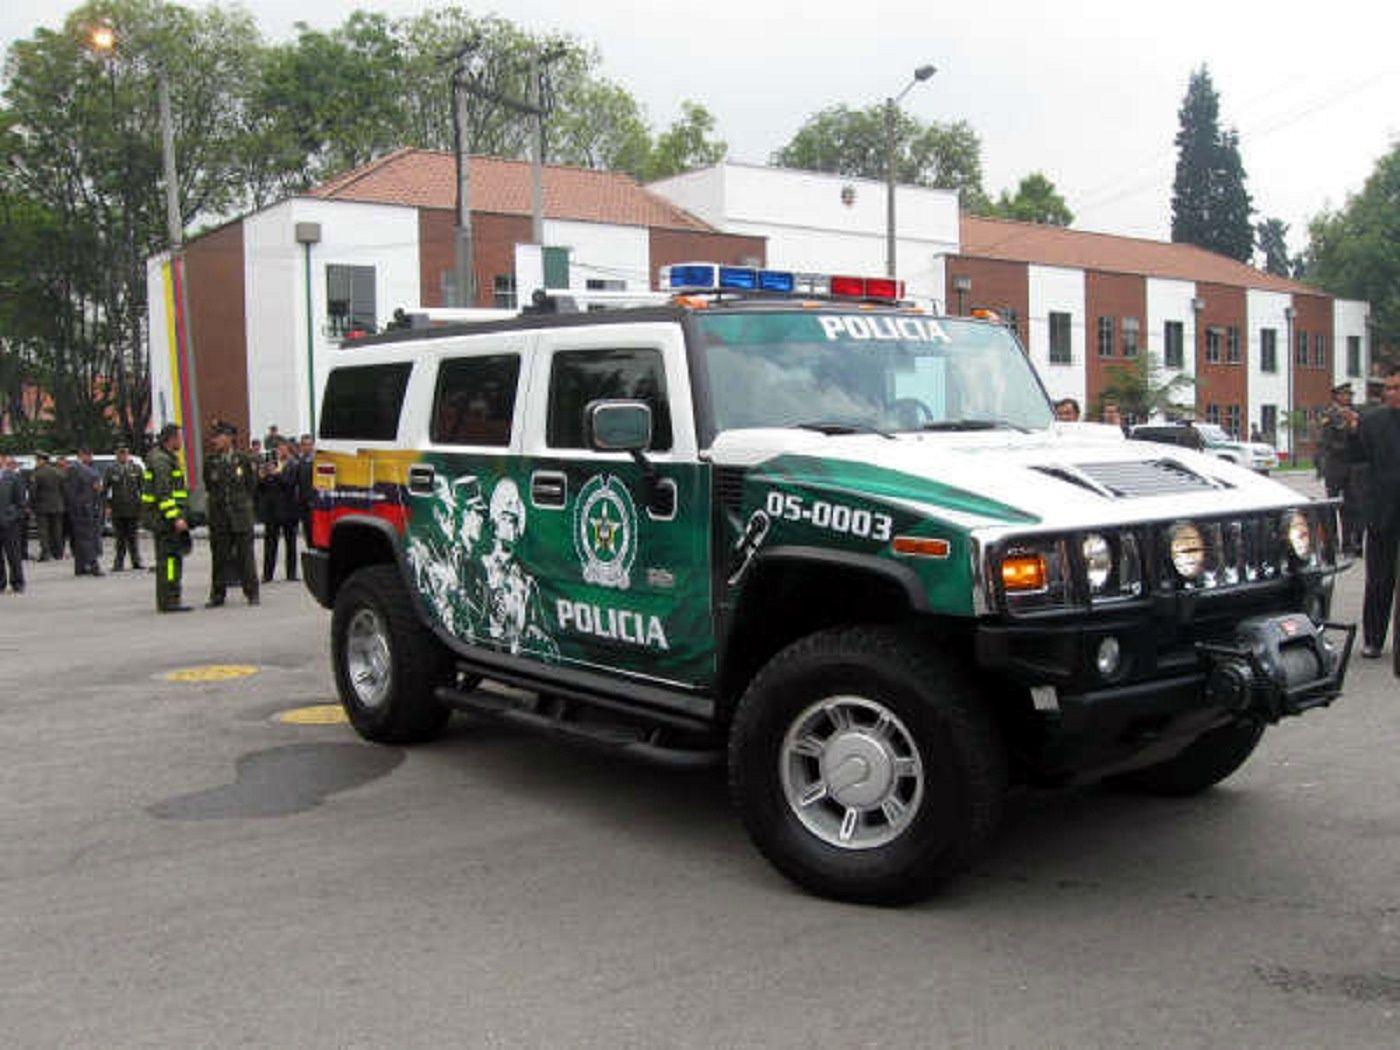 Policía Nacional de Colombia.   http://policianacionaldecolombia.blogspot.com.br/2009/06/policia-nacional-de-colombia-dios-y.html